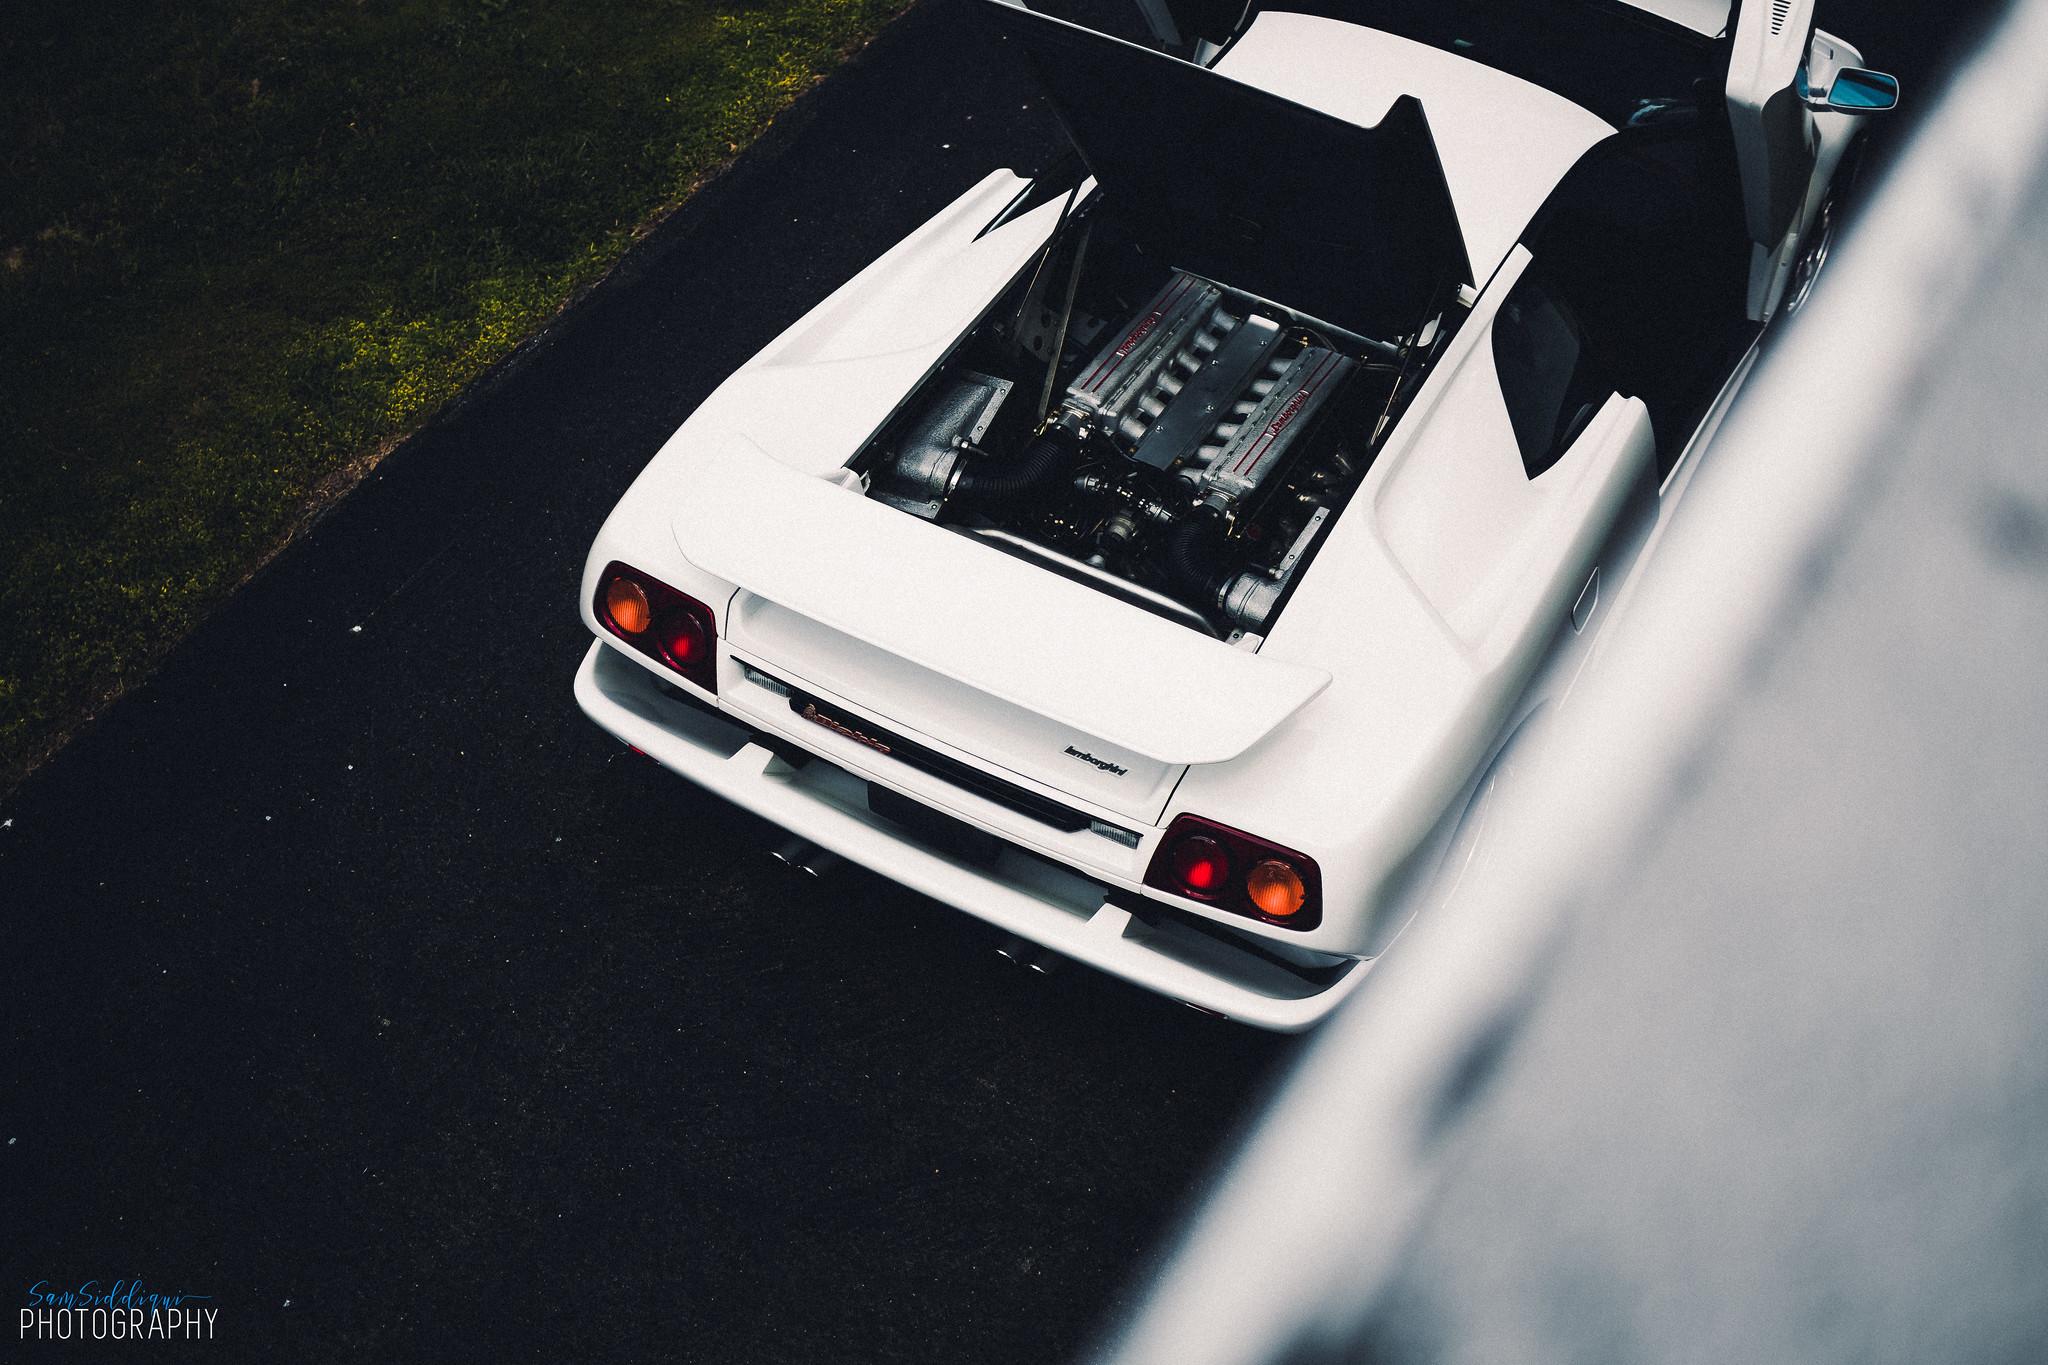 1991 White Lamborghini Diablo Open Roof